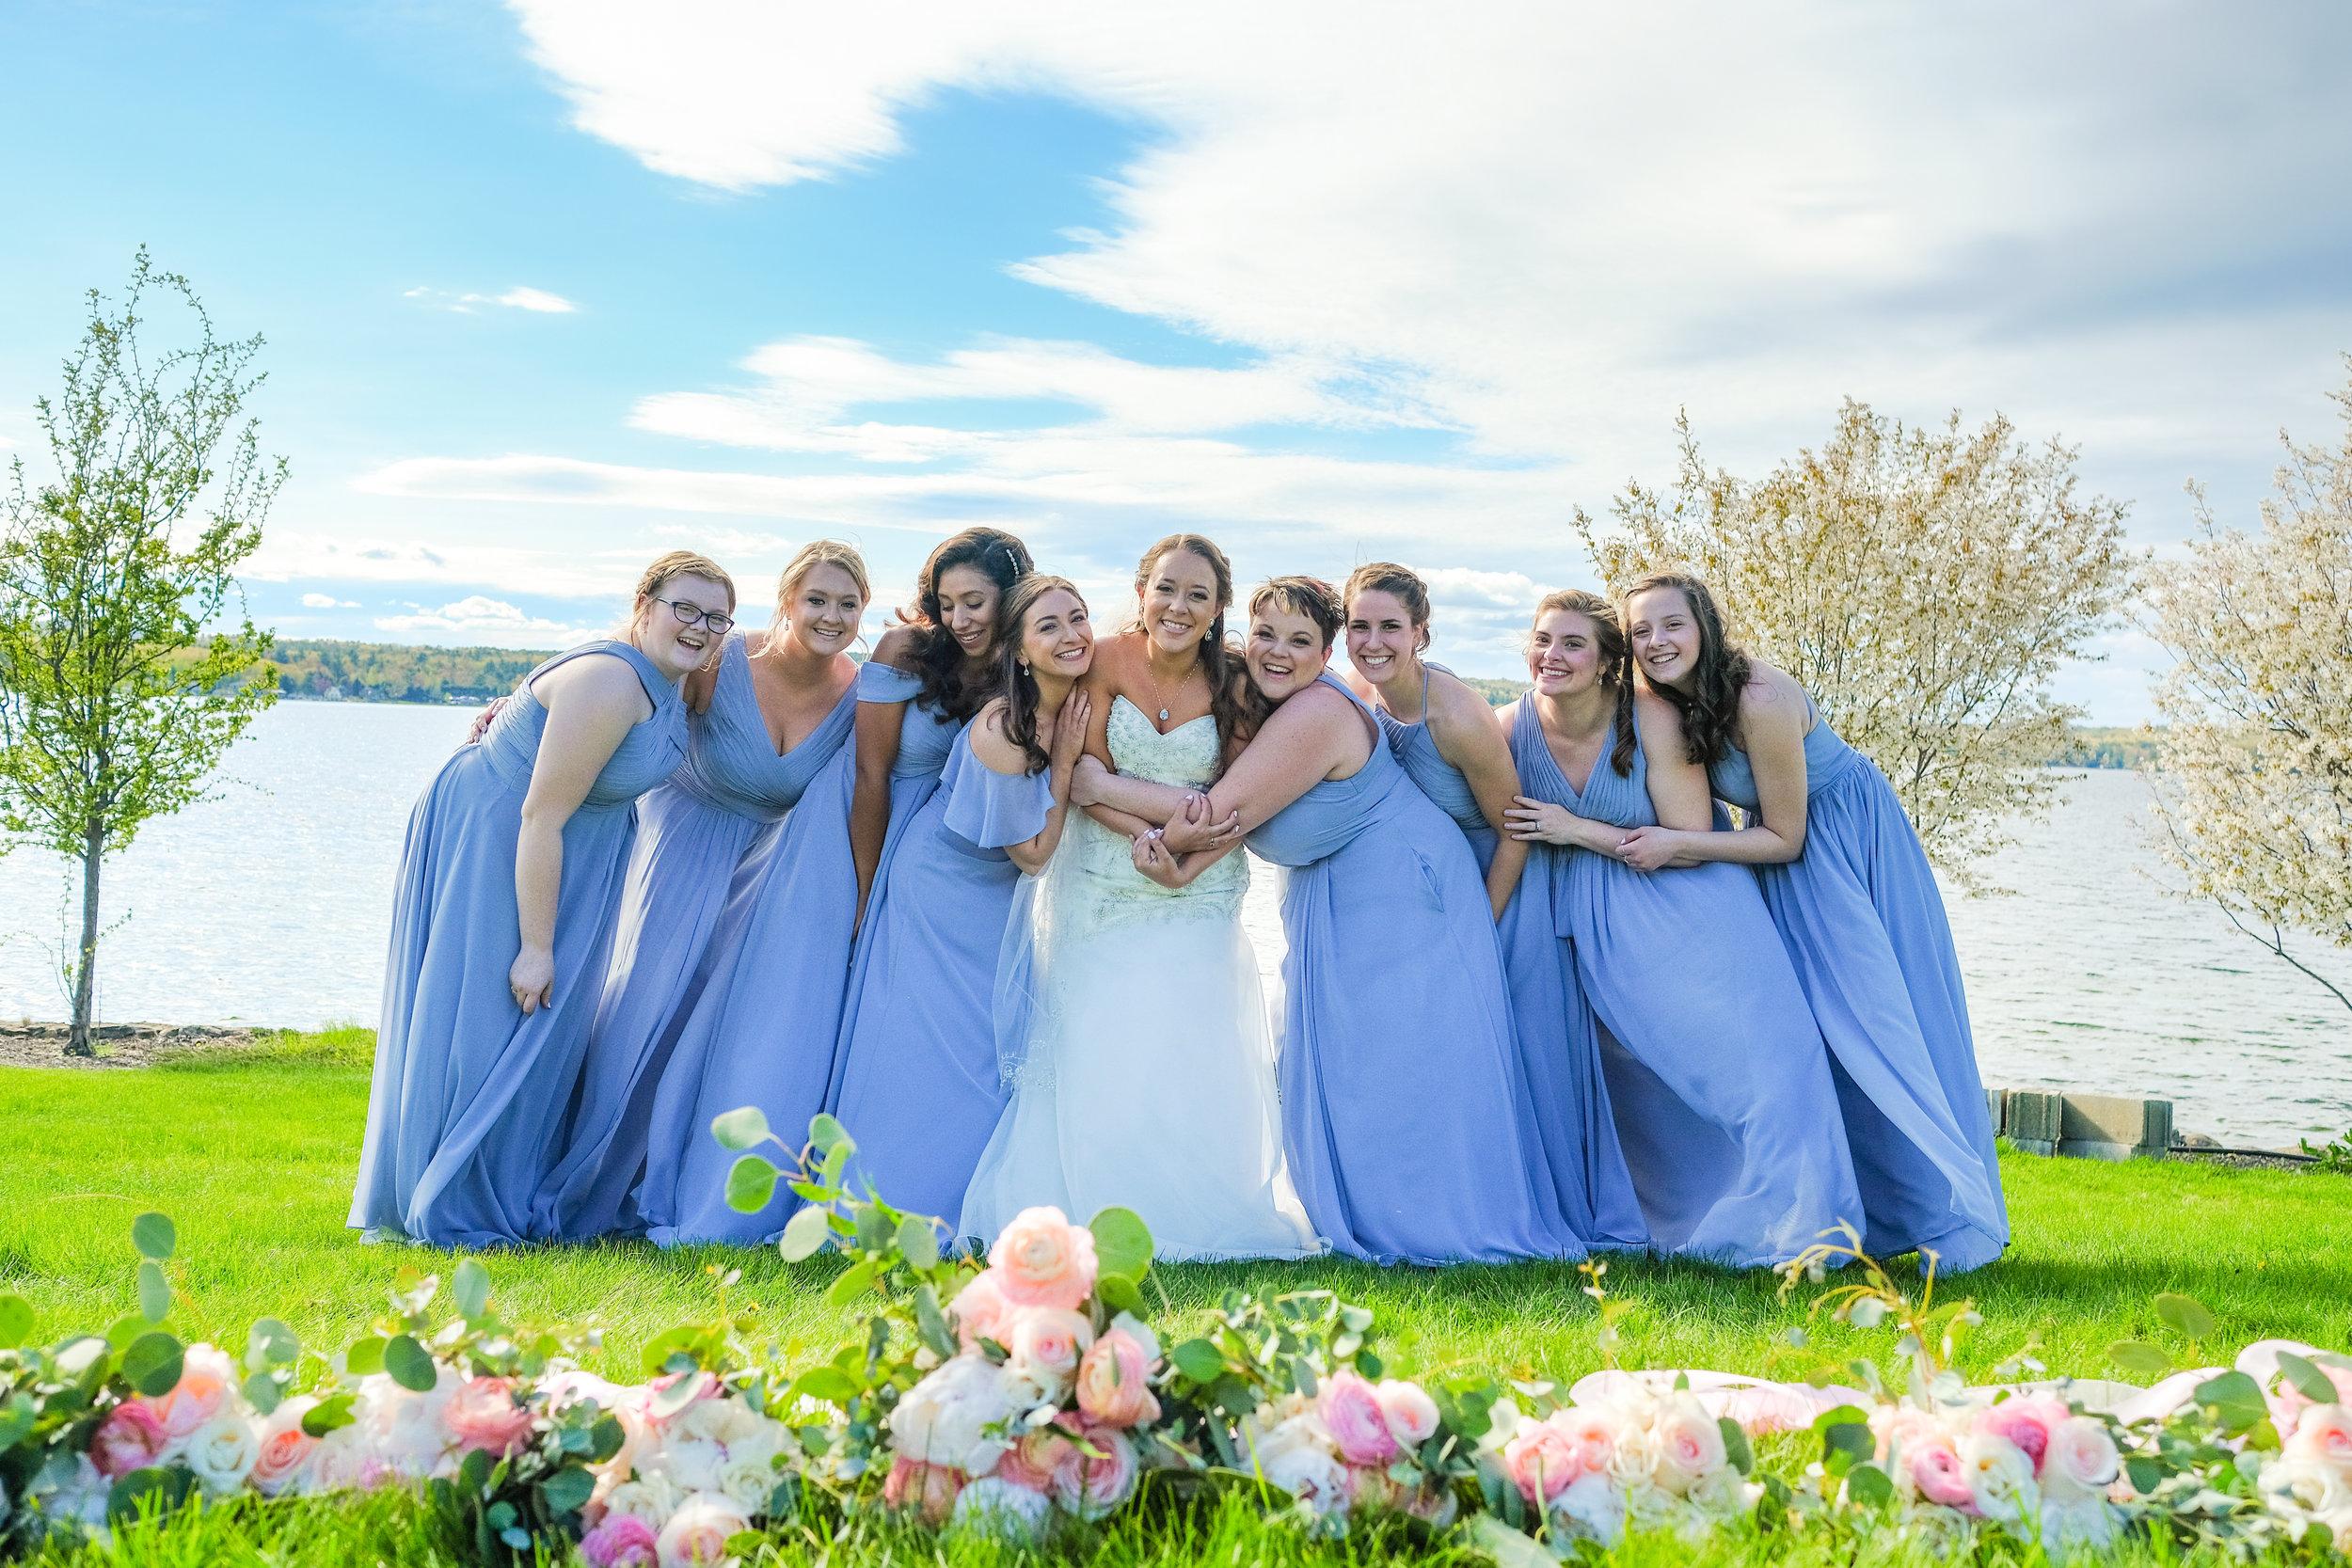 laconia-margate-wedding-photography-445.jpg